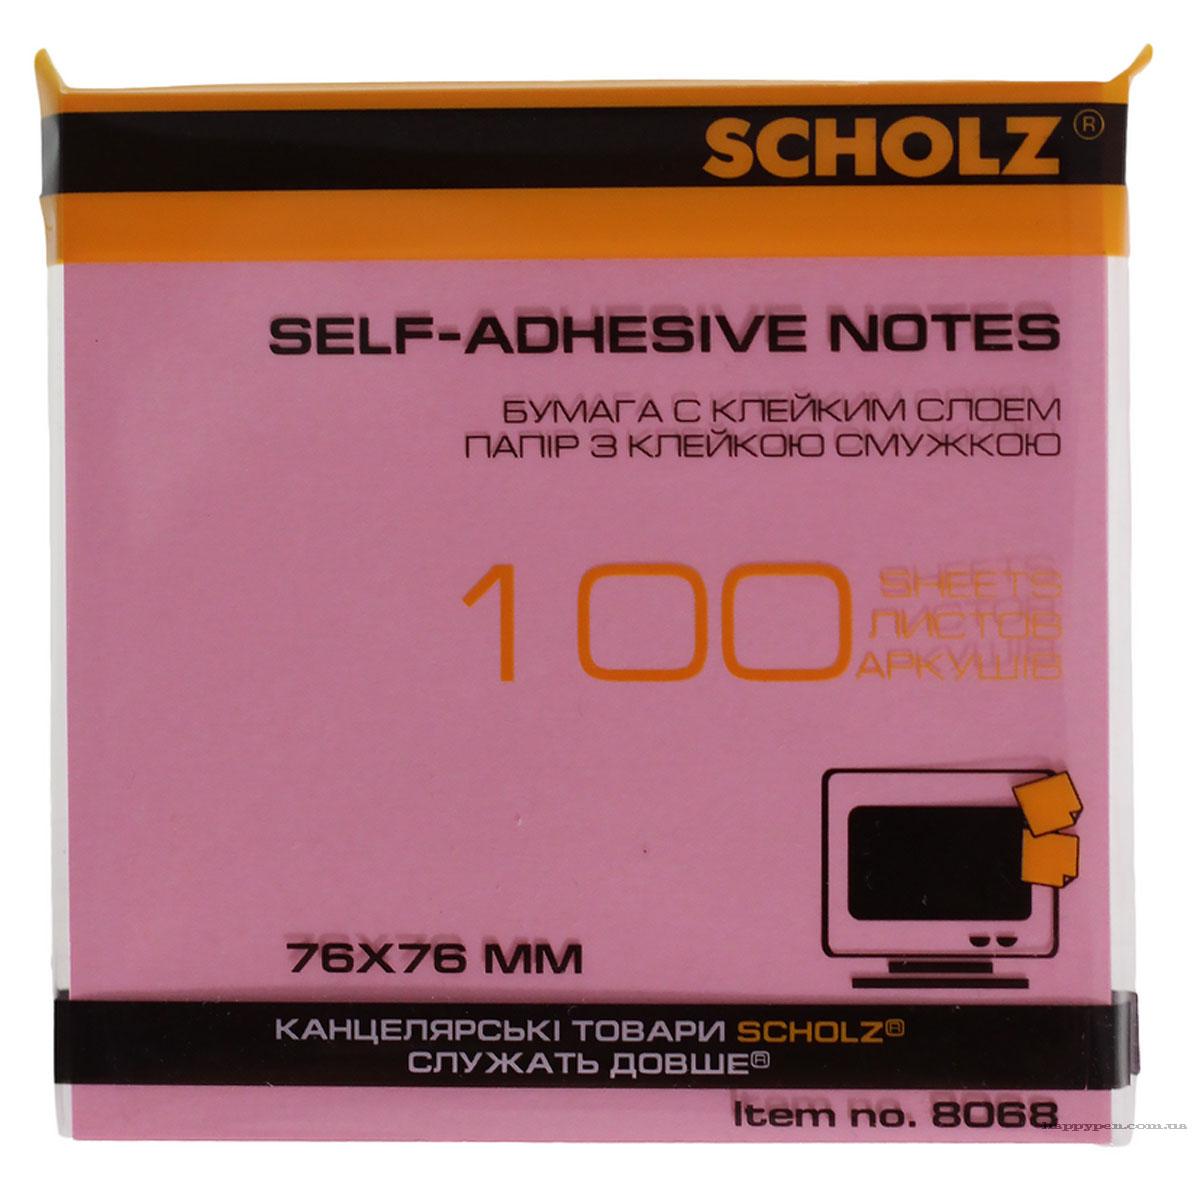 Блок бумаги с клейким слоем 76*76мм.*100 листов пастельный микс Scholz - фото 2